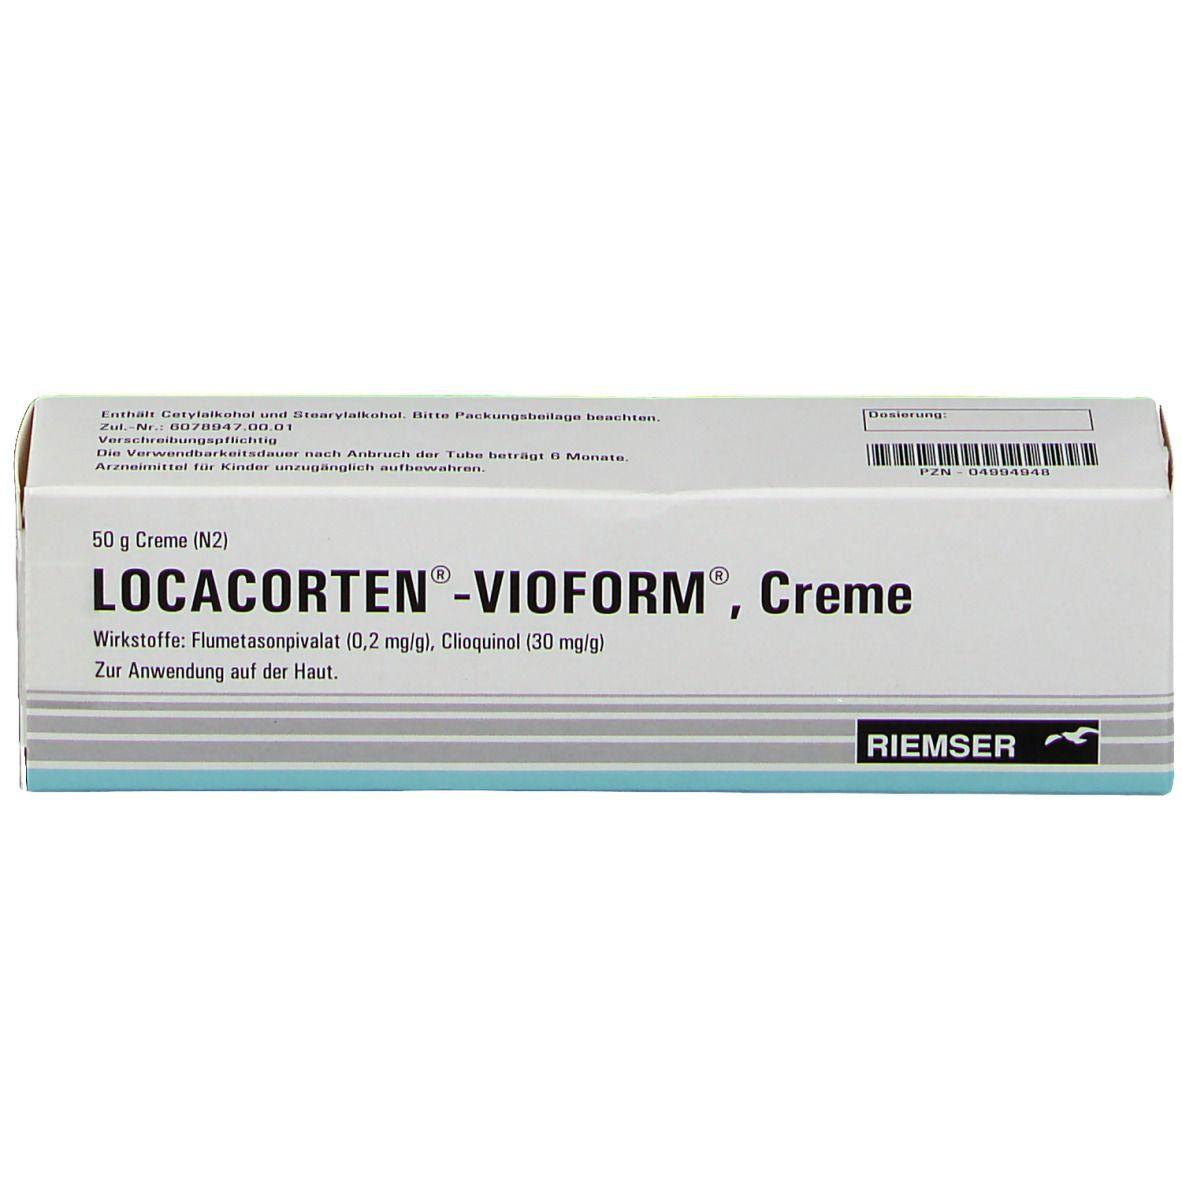 Locacorten Vioform Creme